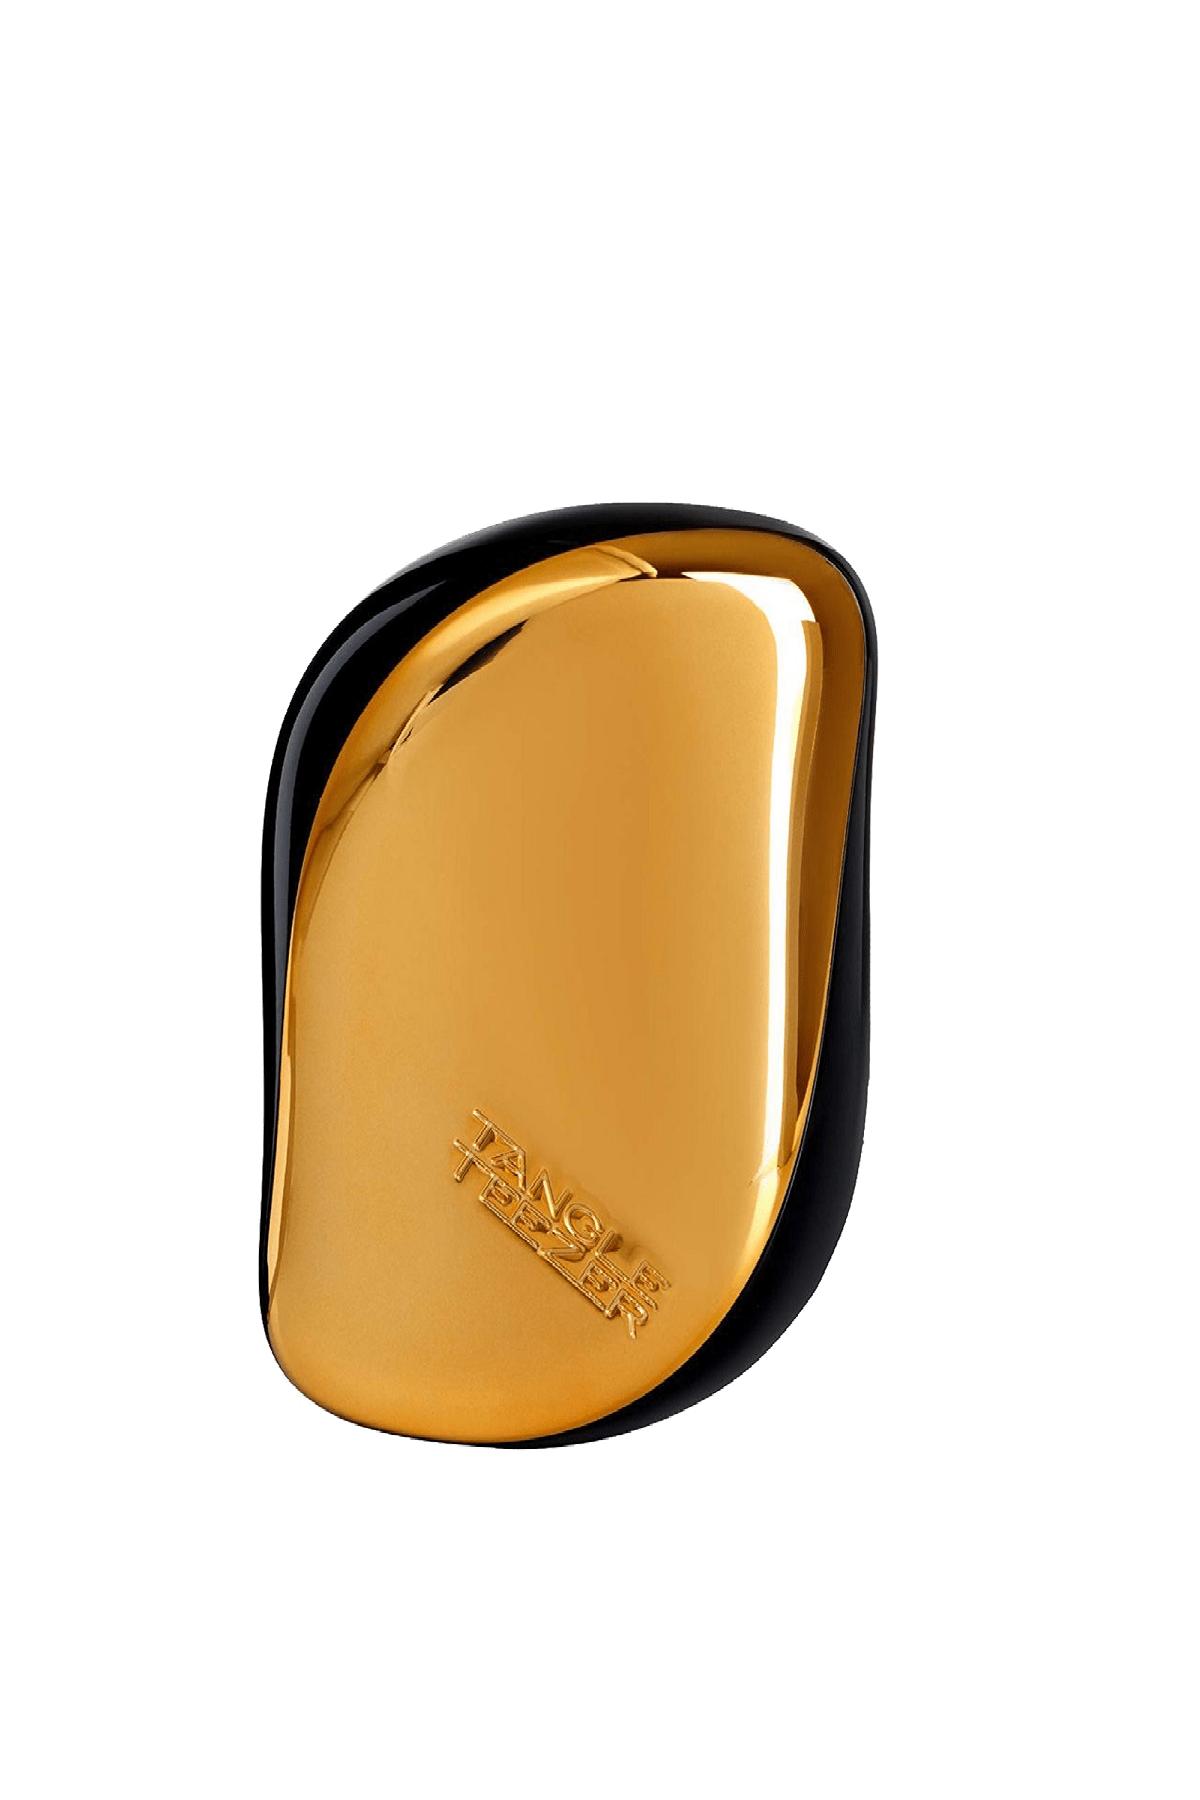 Tangle Teezer Compact On The Go Detangling  Altın Rengi Saç Fırçası 5060173370589 0